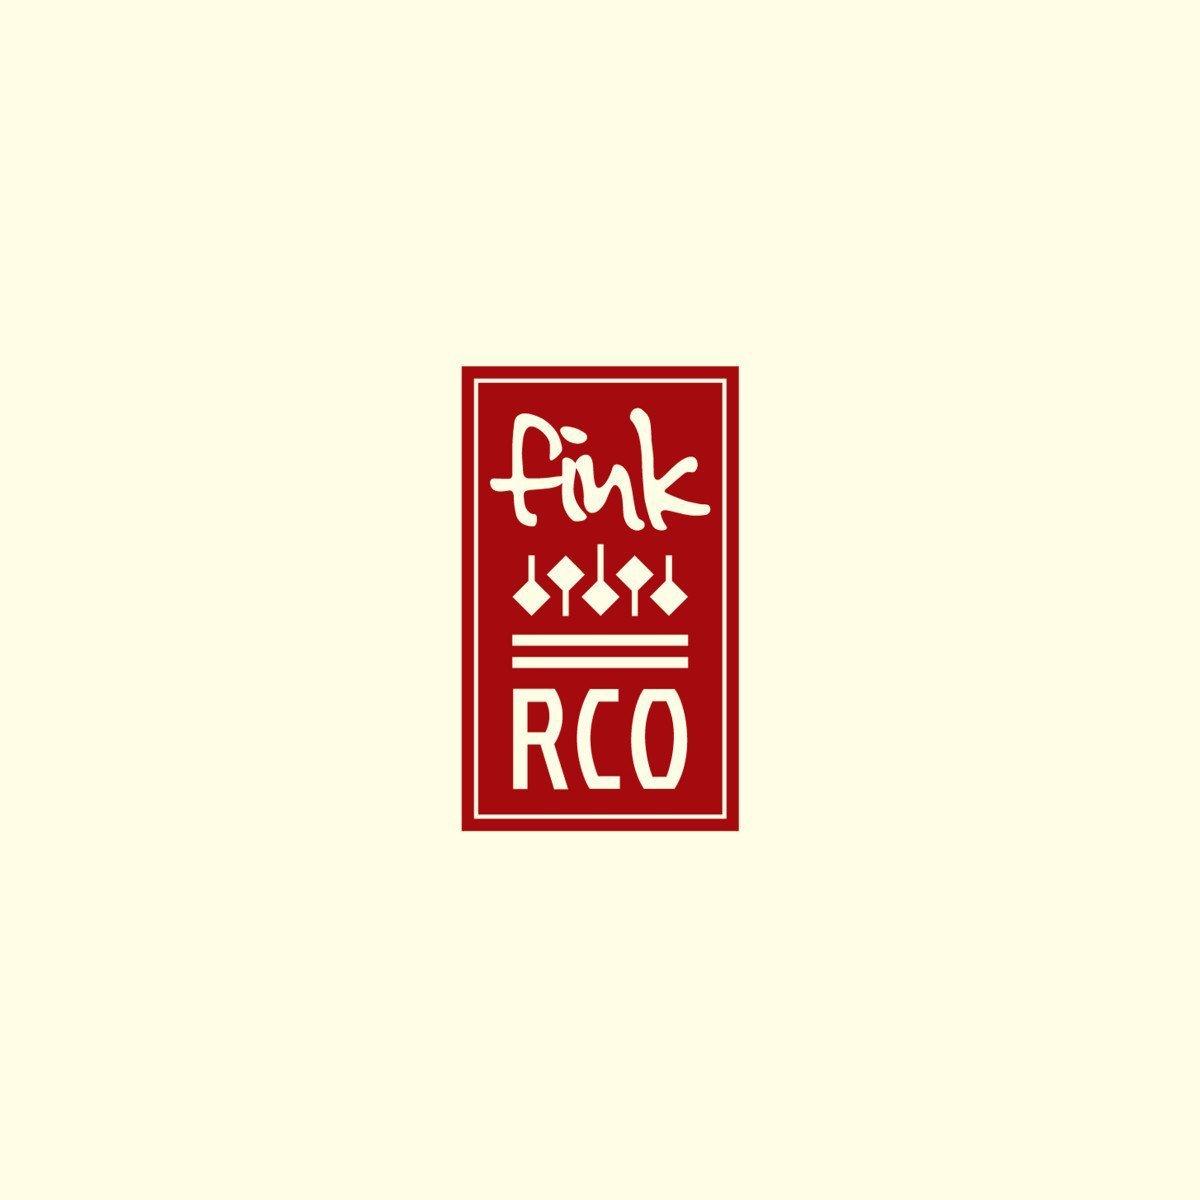 Fink - Rco (Digipack Packaging)